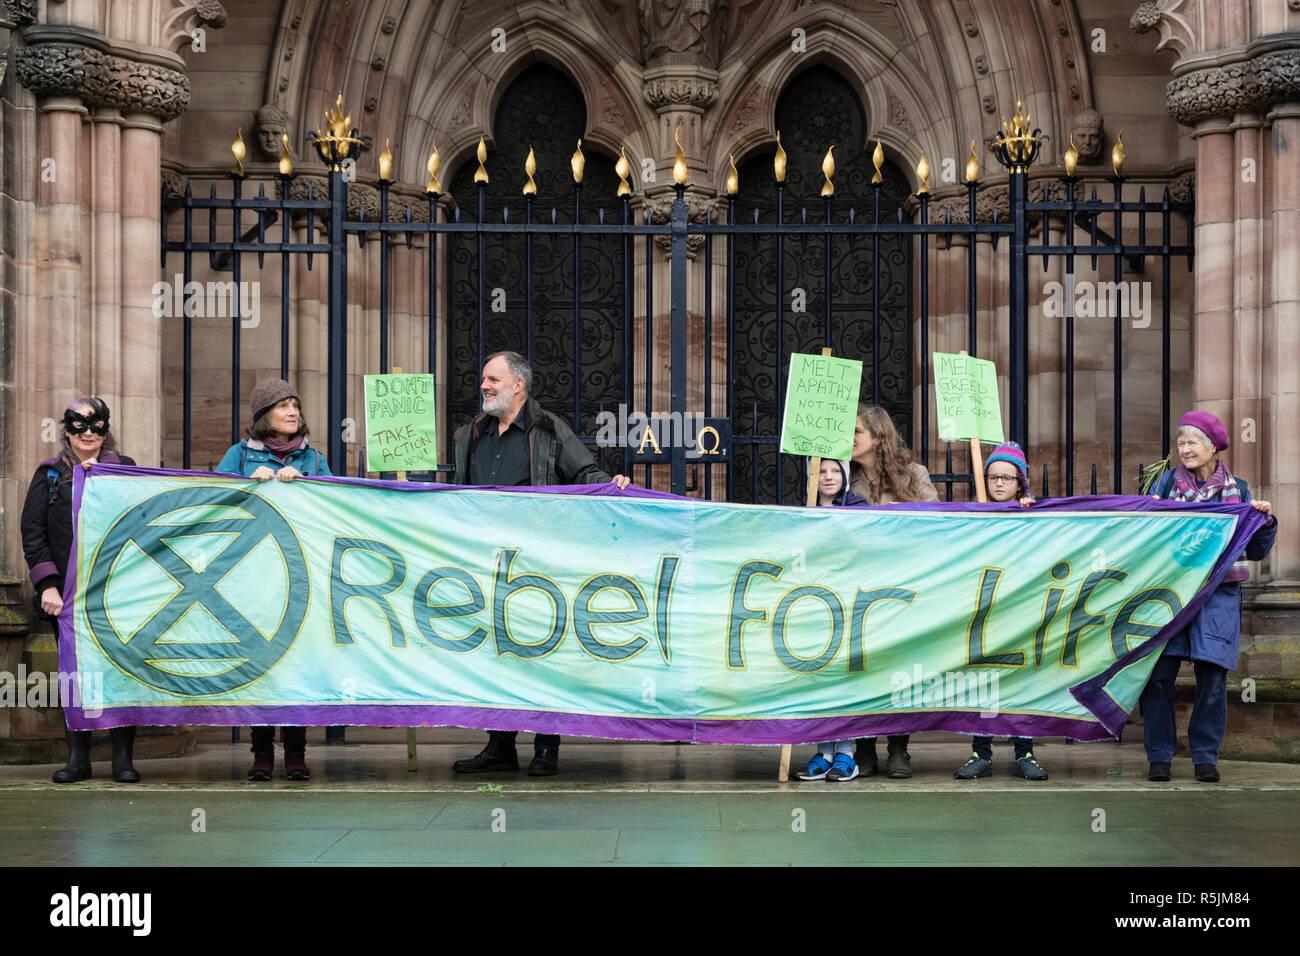 Hereford, Royaume-Uni. 1er décembre 2018. La nouvelle section locale de l'Extinction du mouvement de rébellion (changement climatique militants) manifester devant la cathédrale dans cette ancienne ville . Crédit: Alex Ramsay/Alamy Live News Banque D'Images